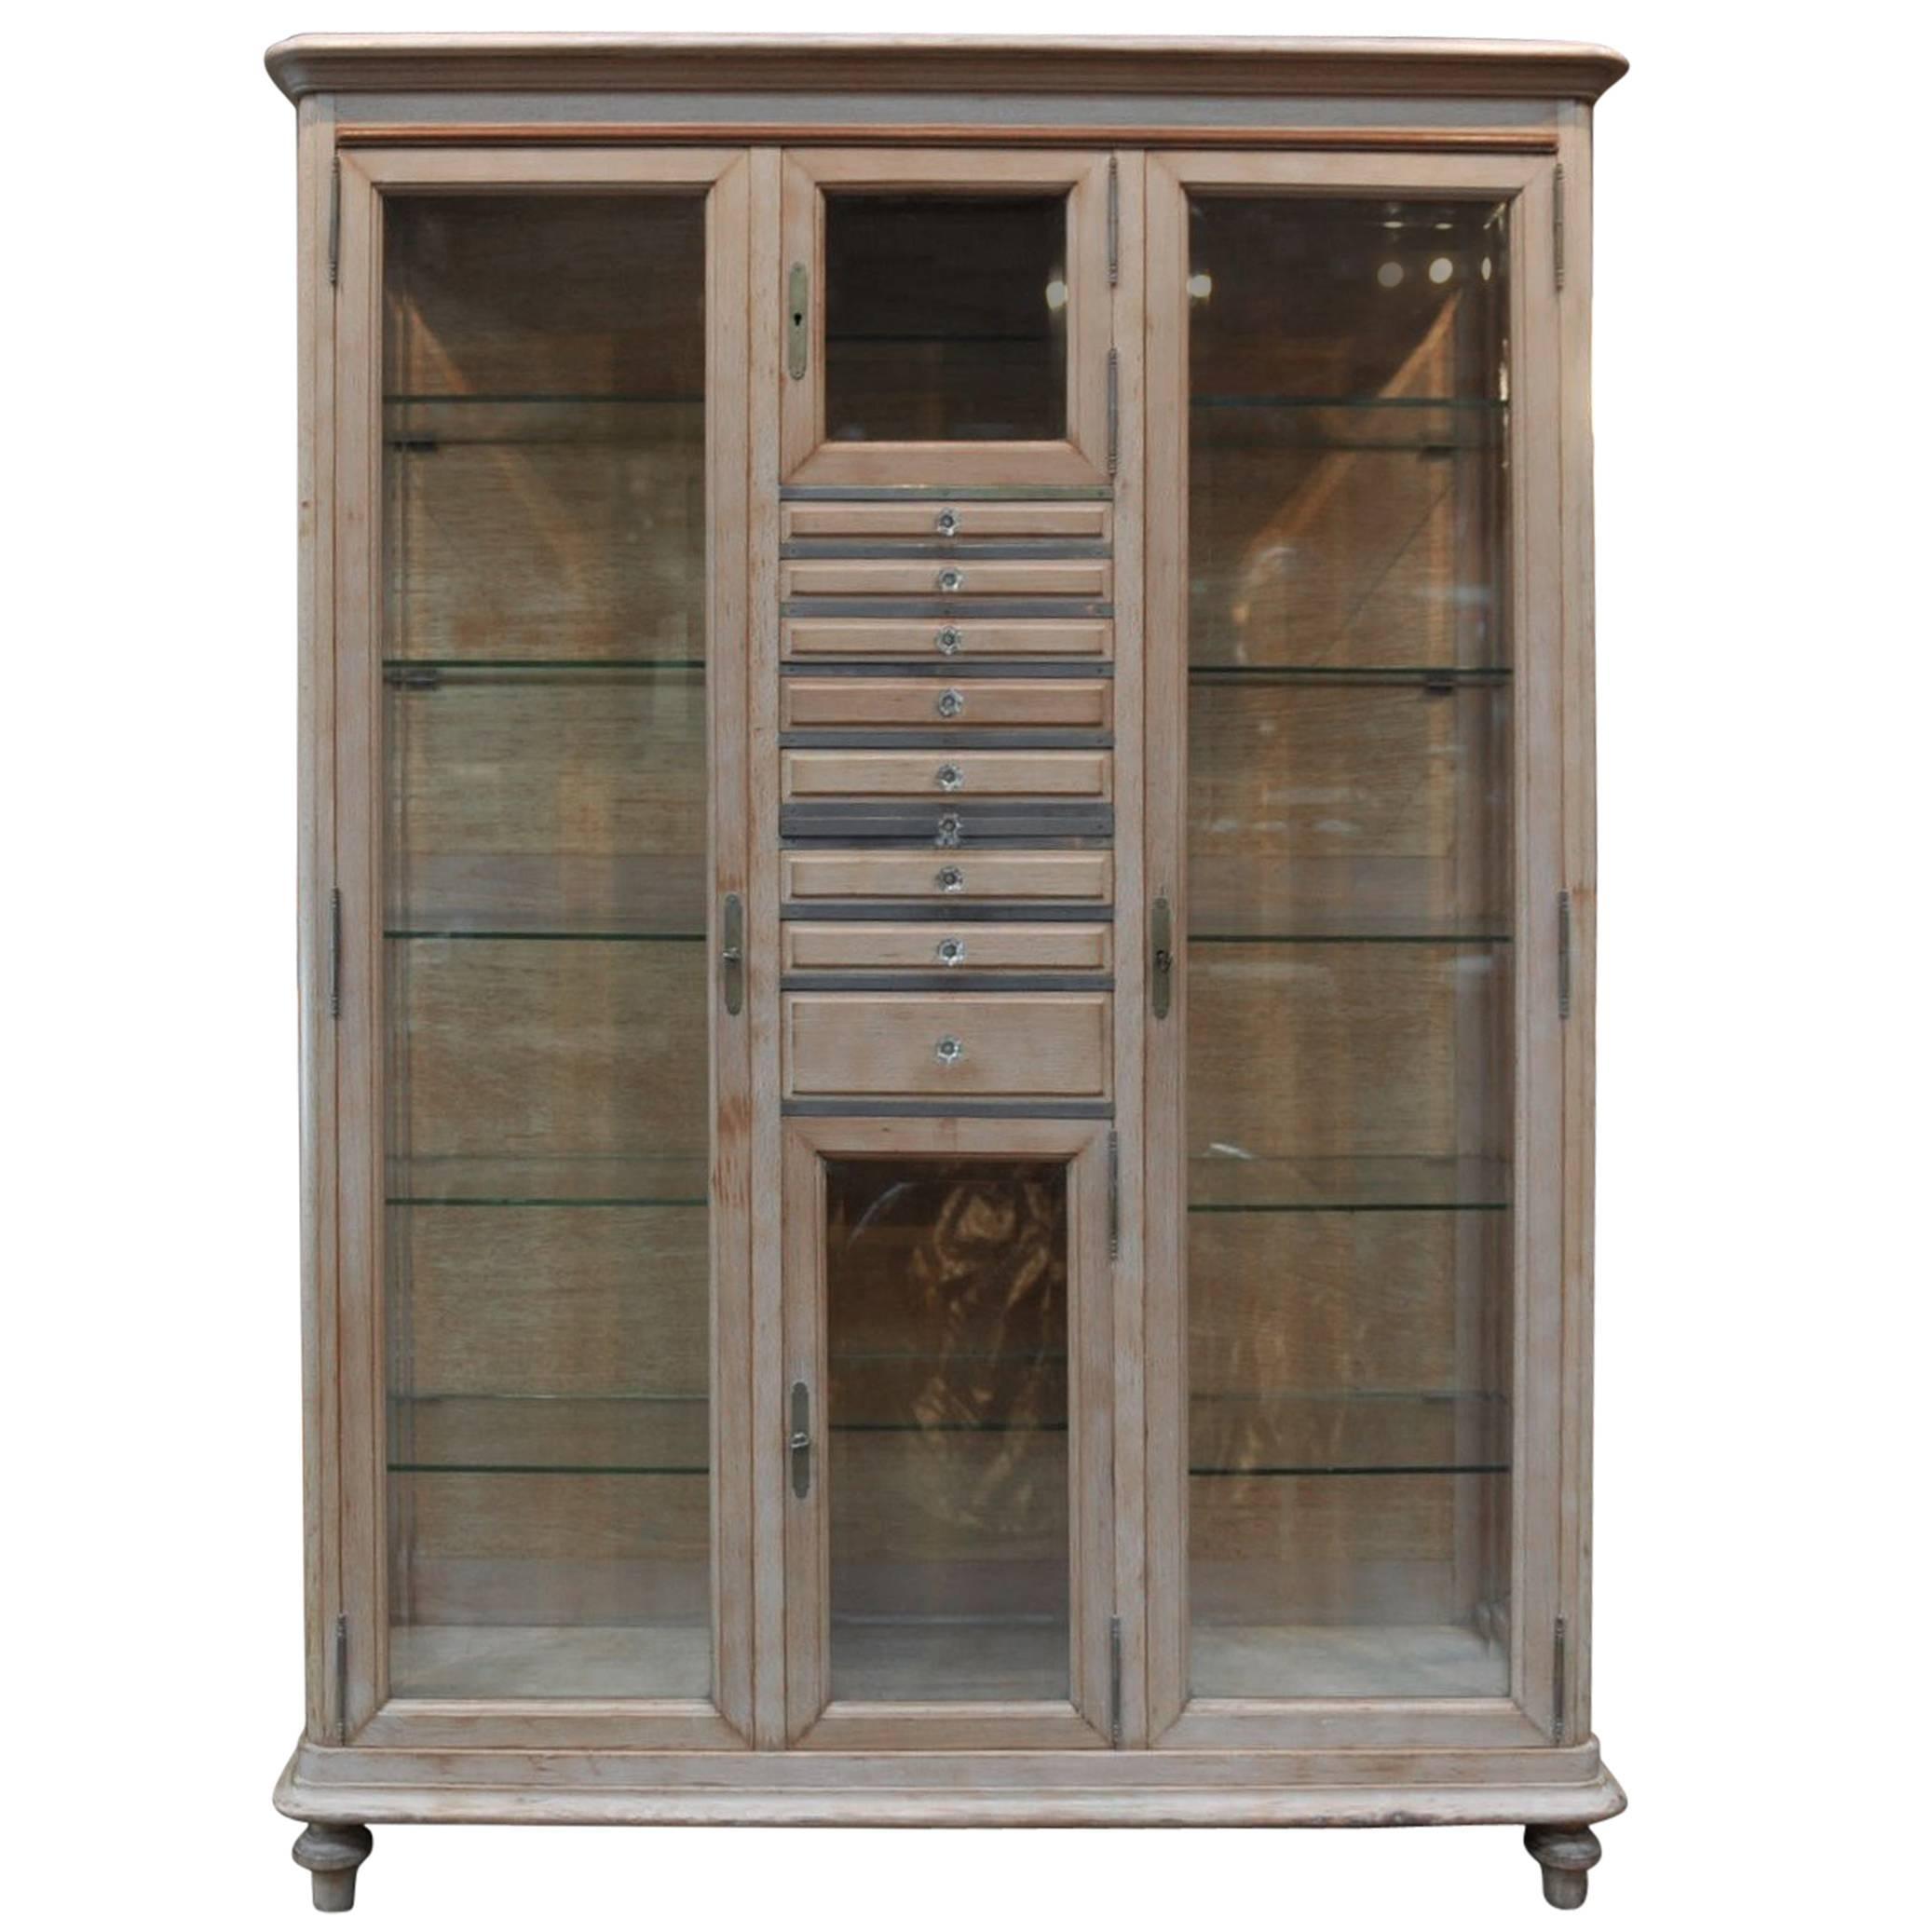 Beveled Glass Dentiste Vitrine Bookcase Cabinet Beech Wood, 1920s